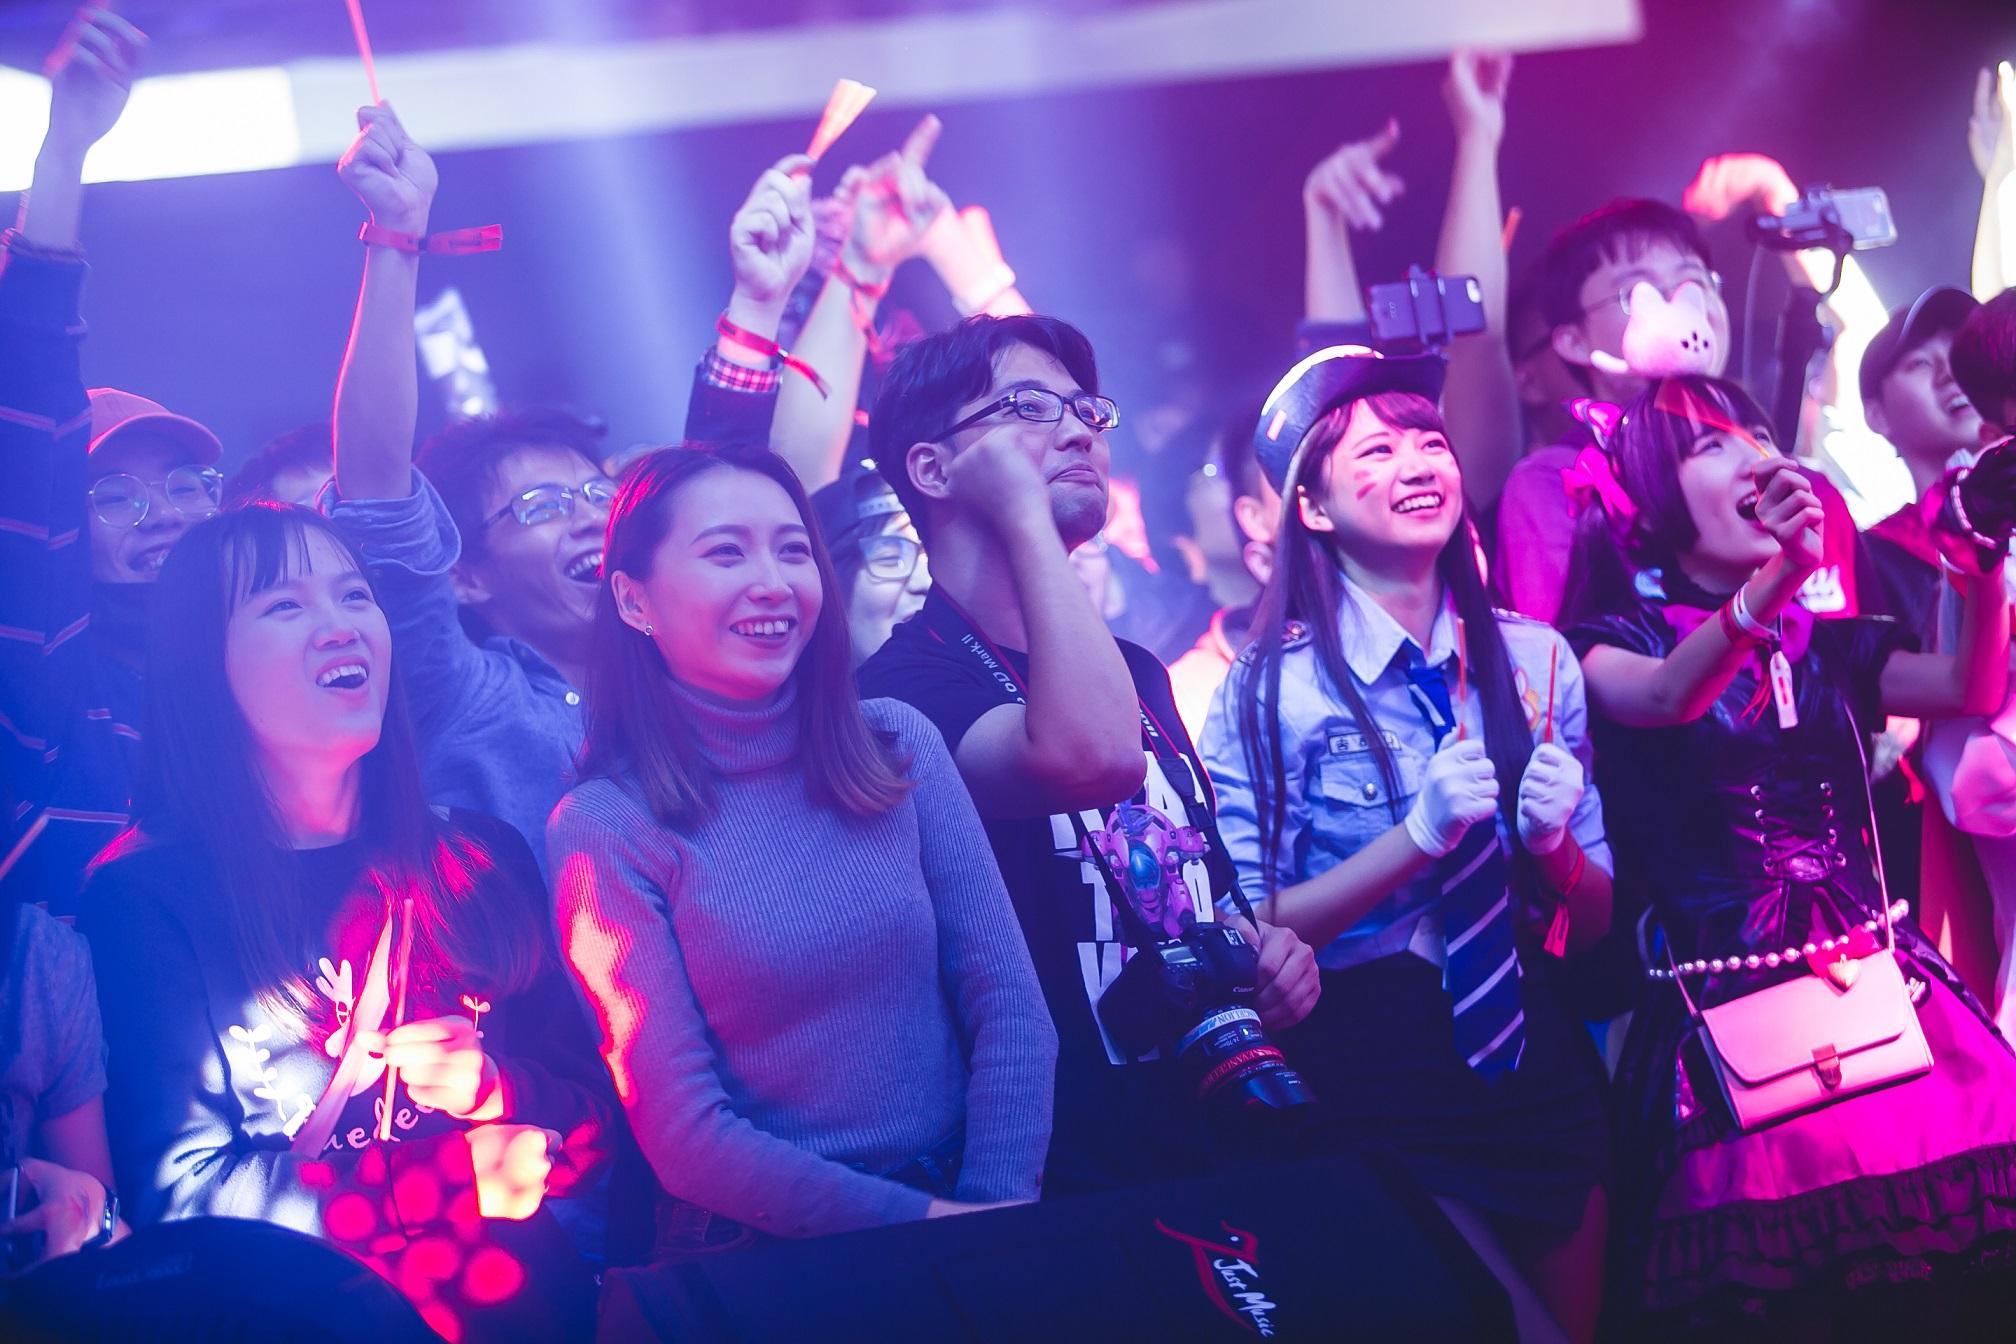 3_透過豐富賽事、表演內容與玩家們自造式娛樂,WirForce 2019「We Make Unity」的熱血精神將得以實現。